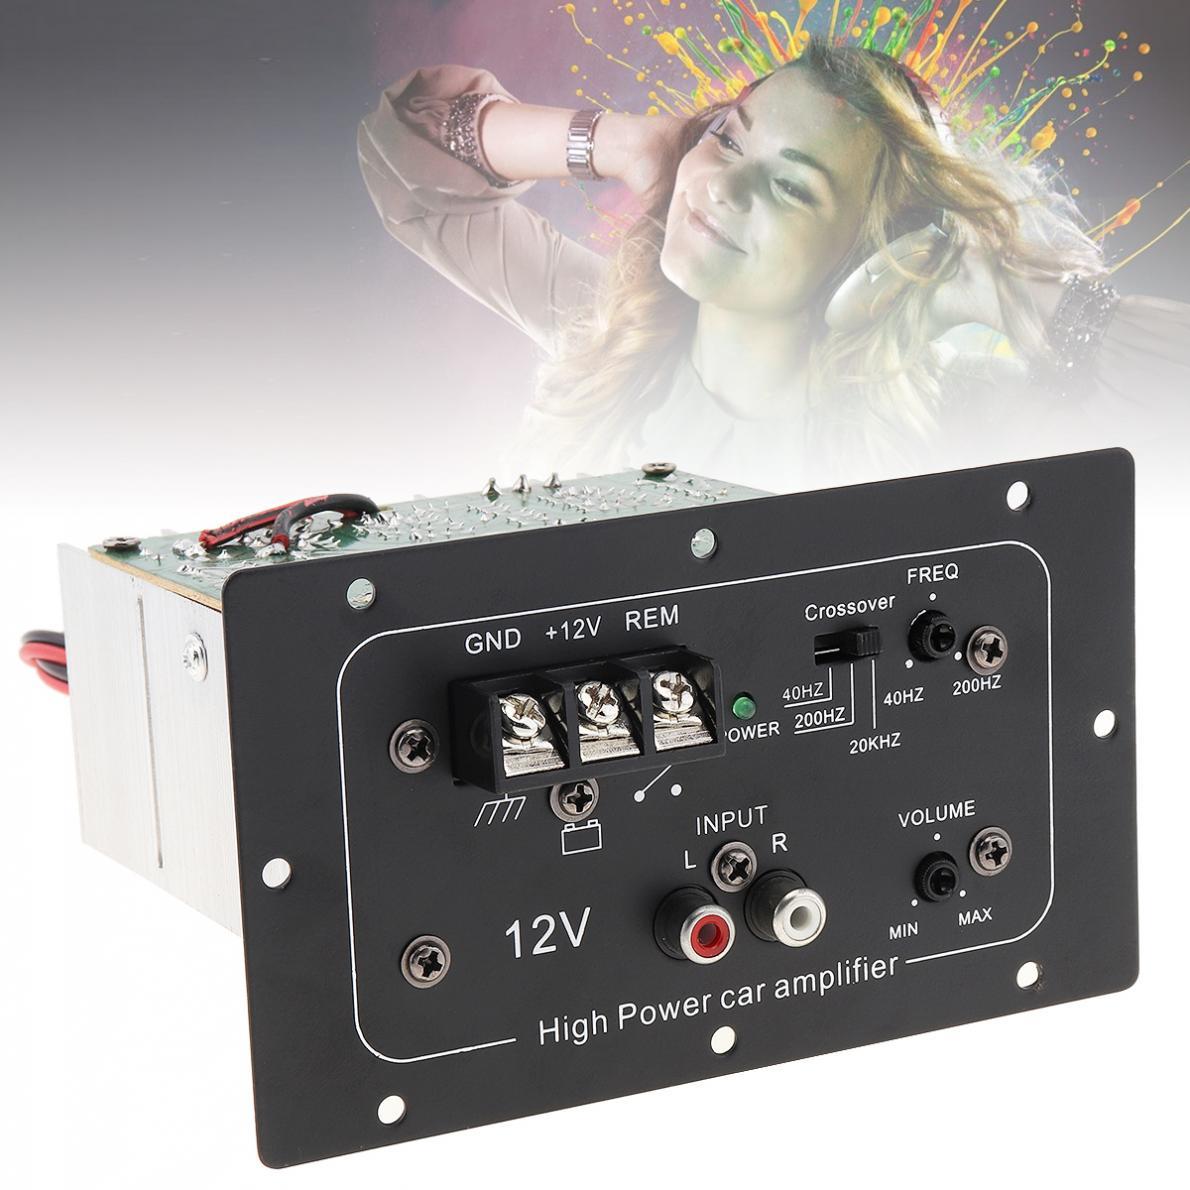 150W 12V Preto Poderoso Bass Subwoofer Placa Amplificador de Alta Potência de Áudio Do Carro para 6/8/10 polegada Subwoofer Carro